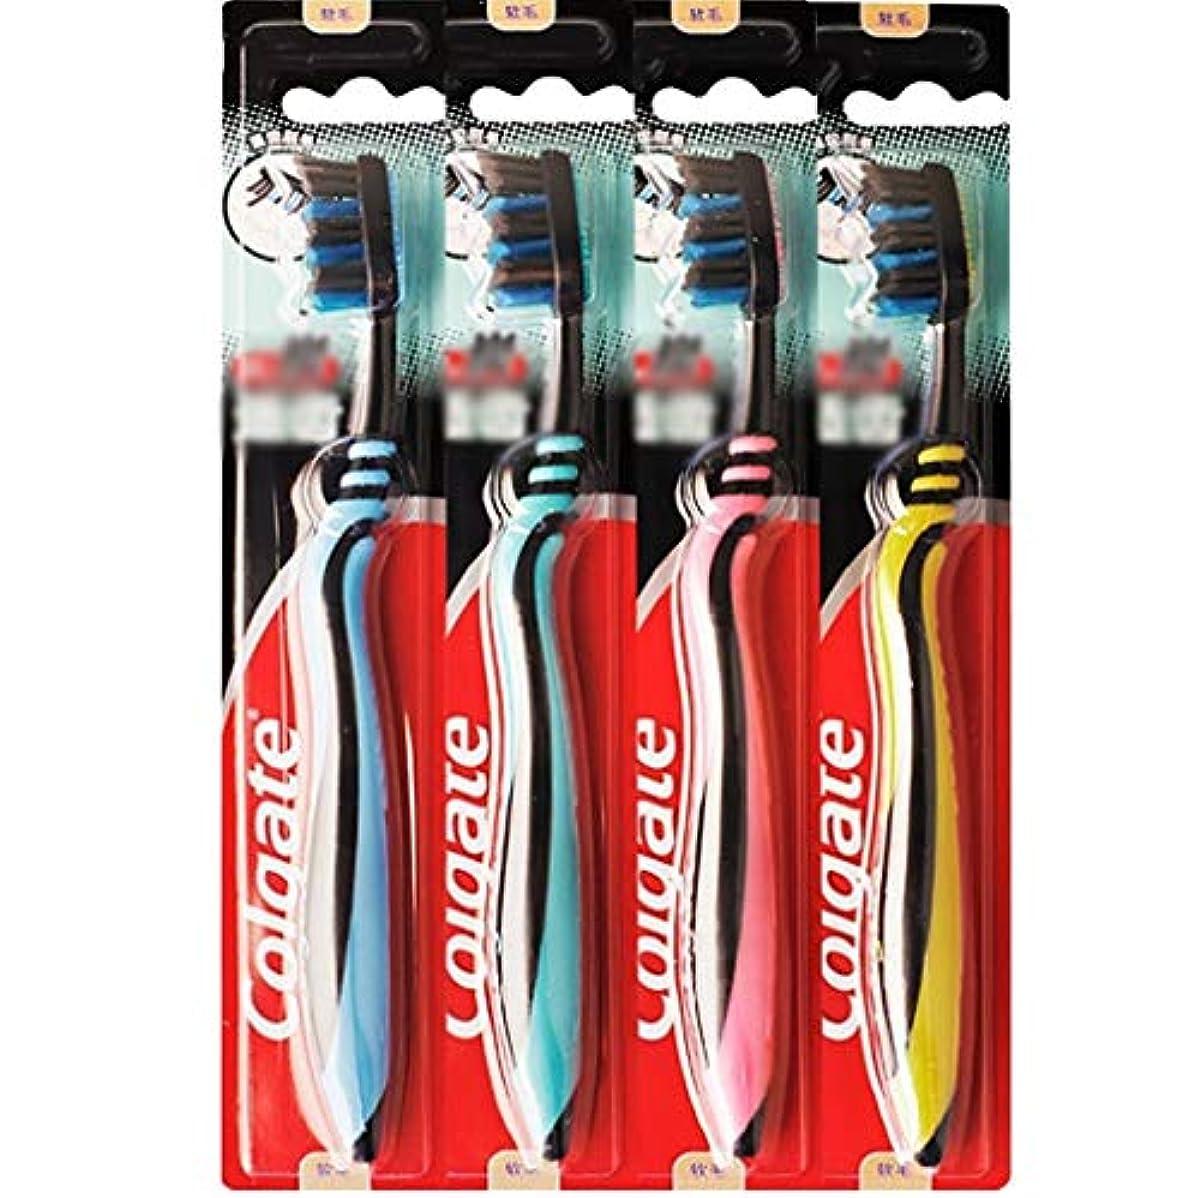 ヘロインナプキン粒子歯ブラシ 歯の深いクリーニングに適した歯ブラシ、カーボンブラック柔らかい歯ブラシ、4本のスティック HL (色 : A)